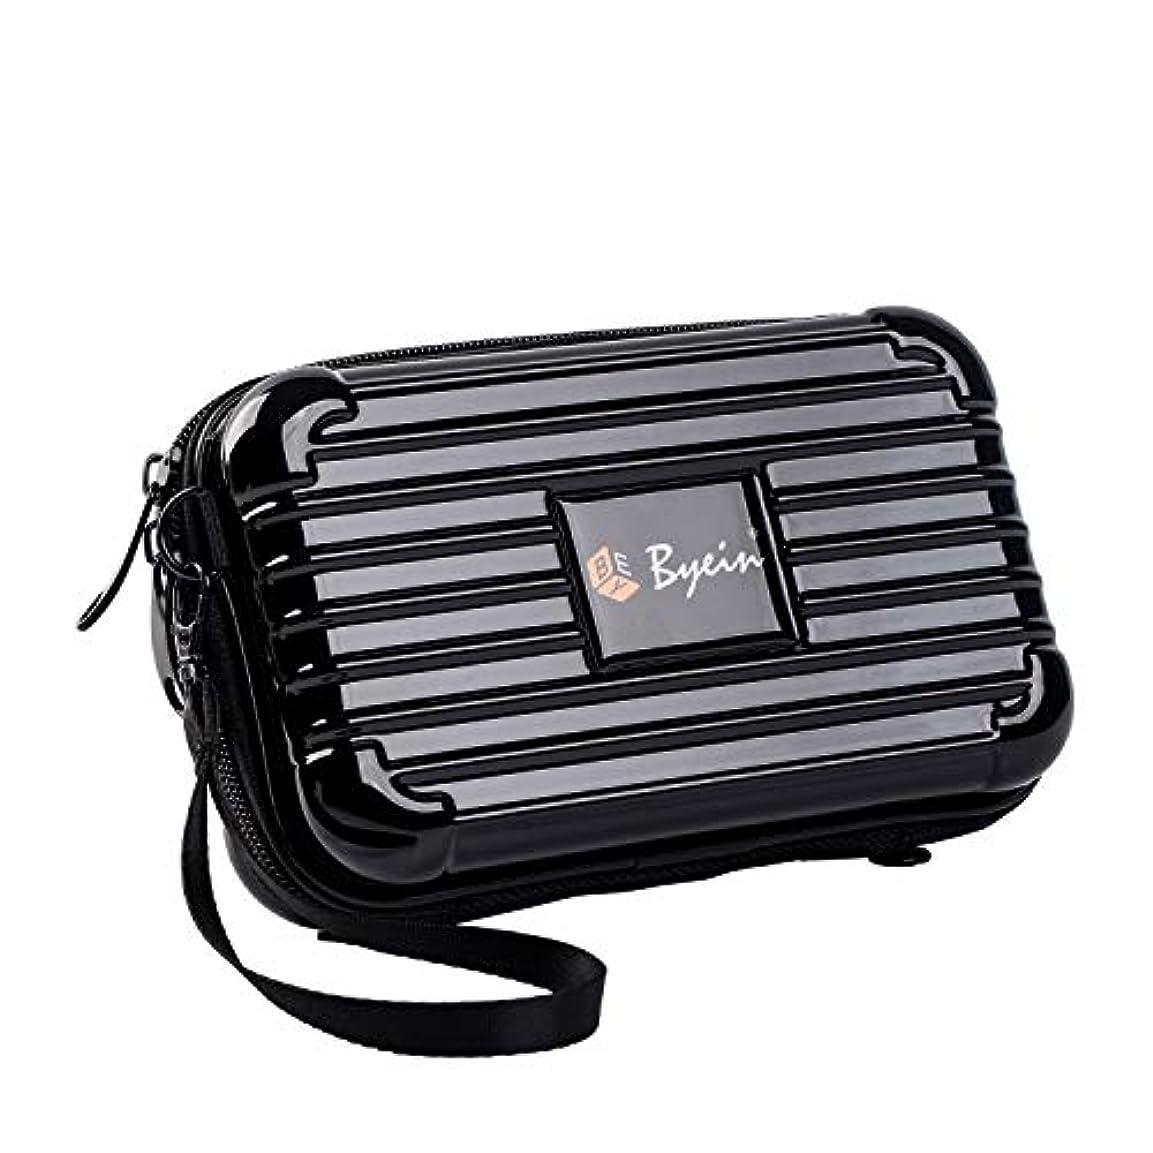 弾性ドメイン大脳BYEIN 化粧ポーチ 多機能ポーチ 収納バッグ 軽量 旅行 出張 お出かけ 持ち運び便利 スーツケース型